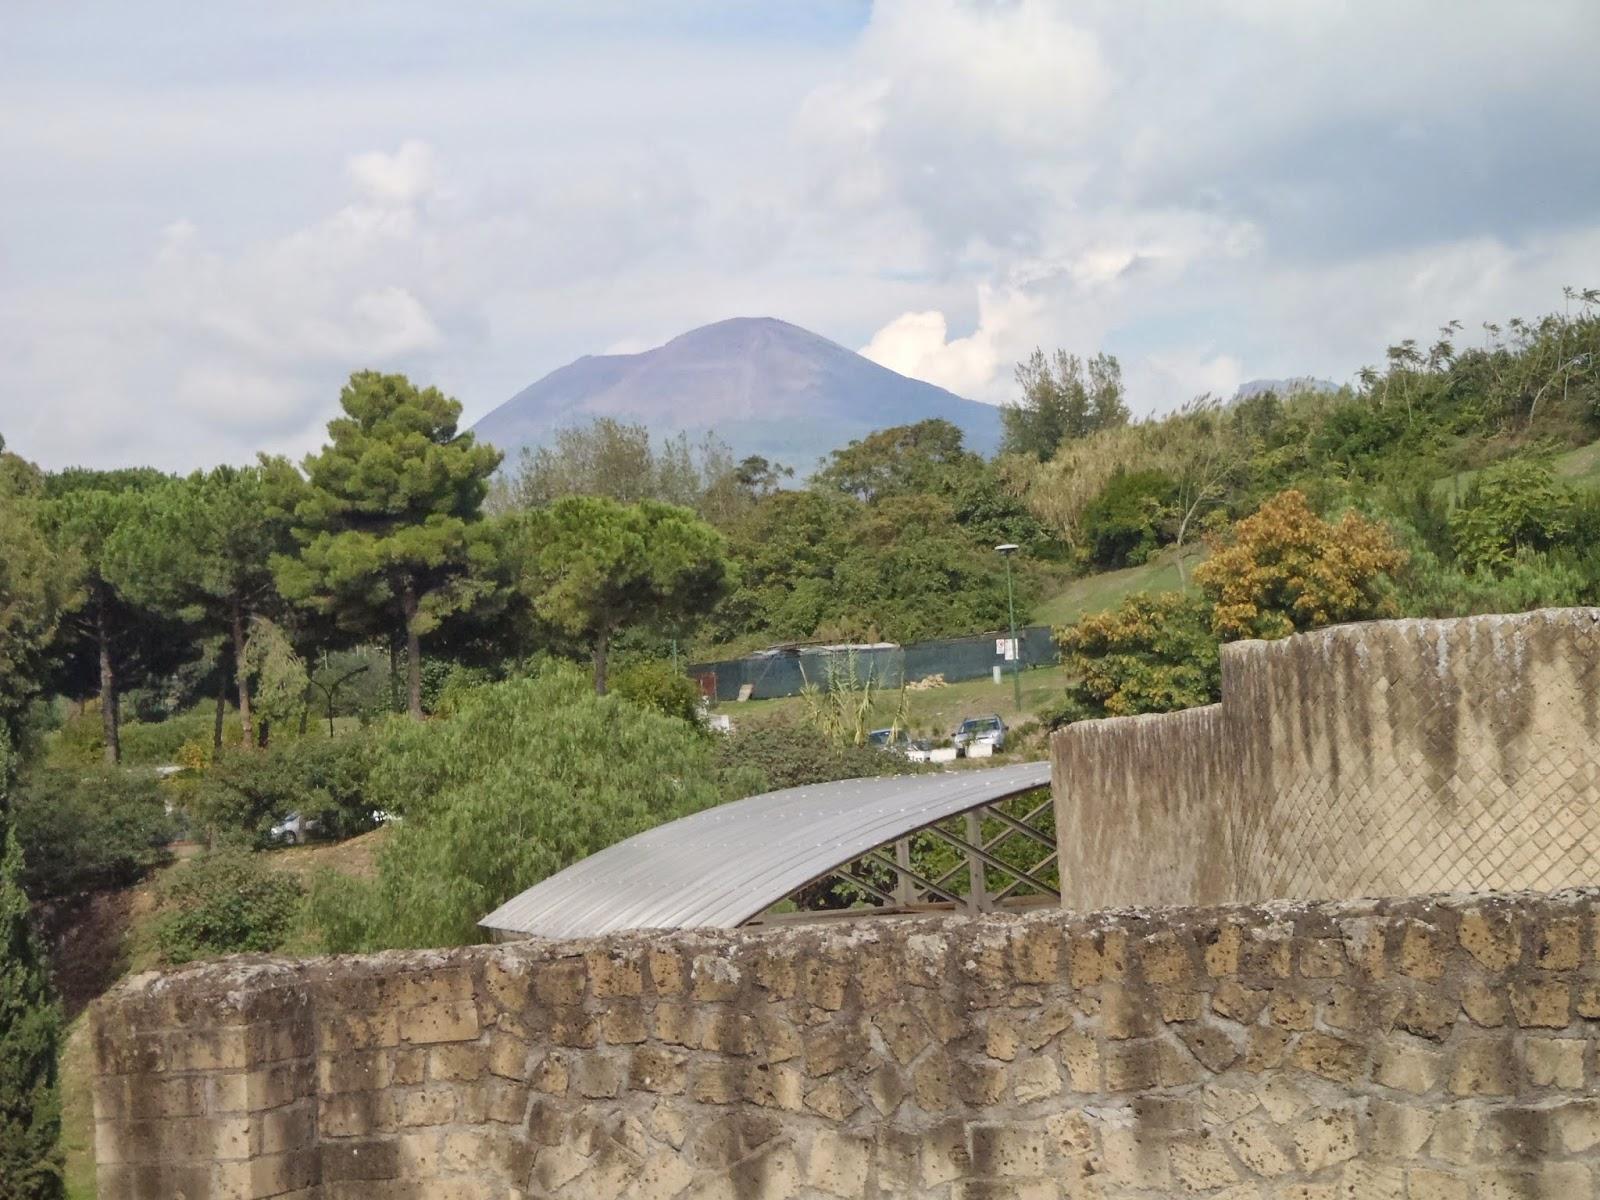 Mt Vesuvius - Italy